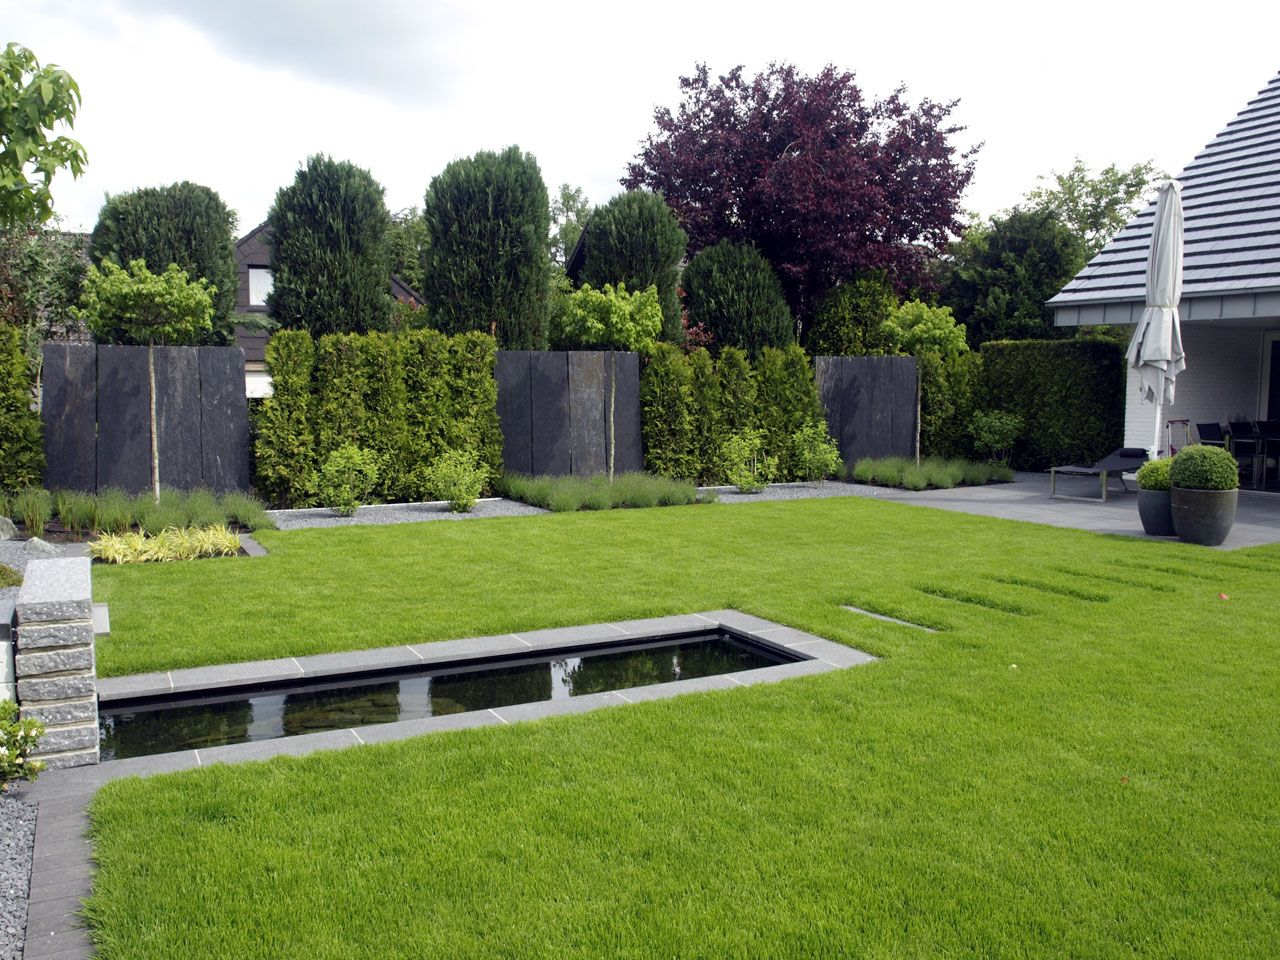 Gartengestaltung Steingarten Schön Gärten Geradlinig Gestaltet